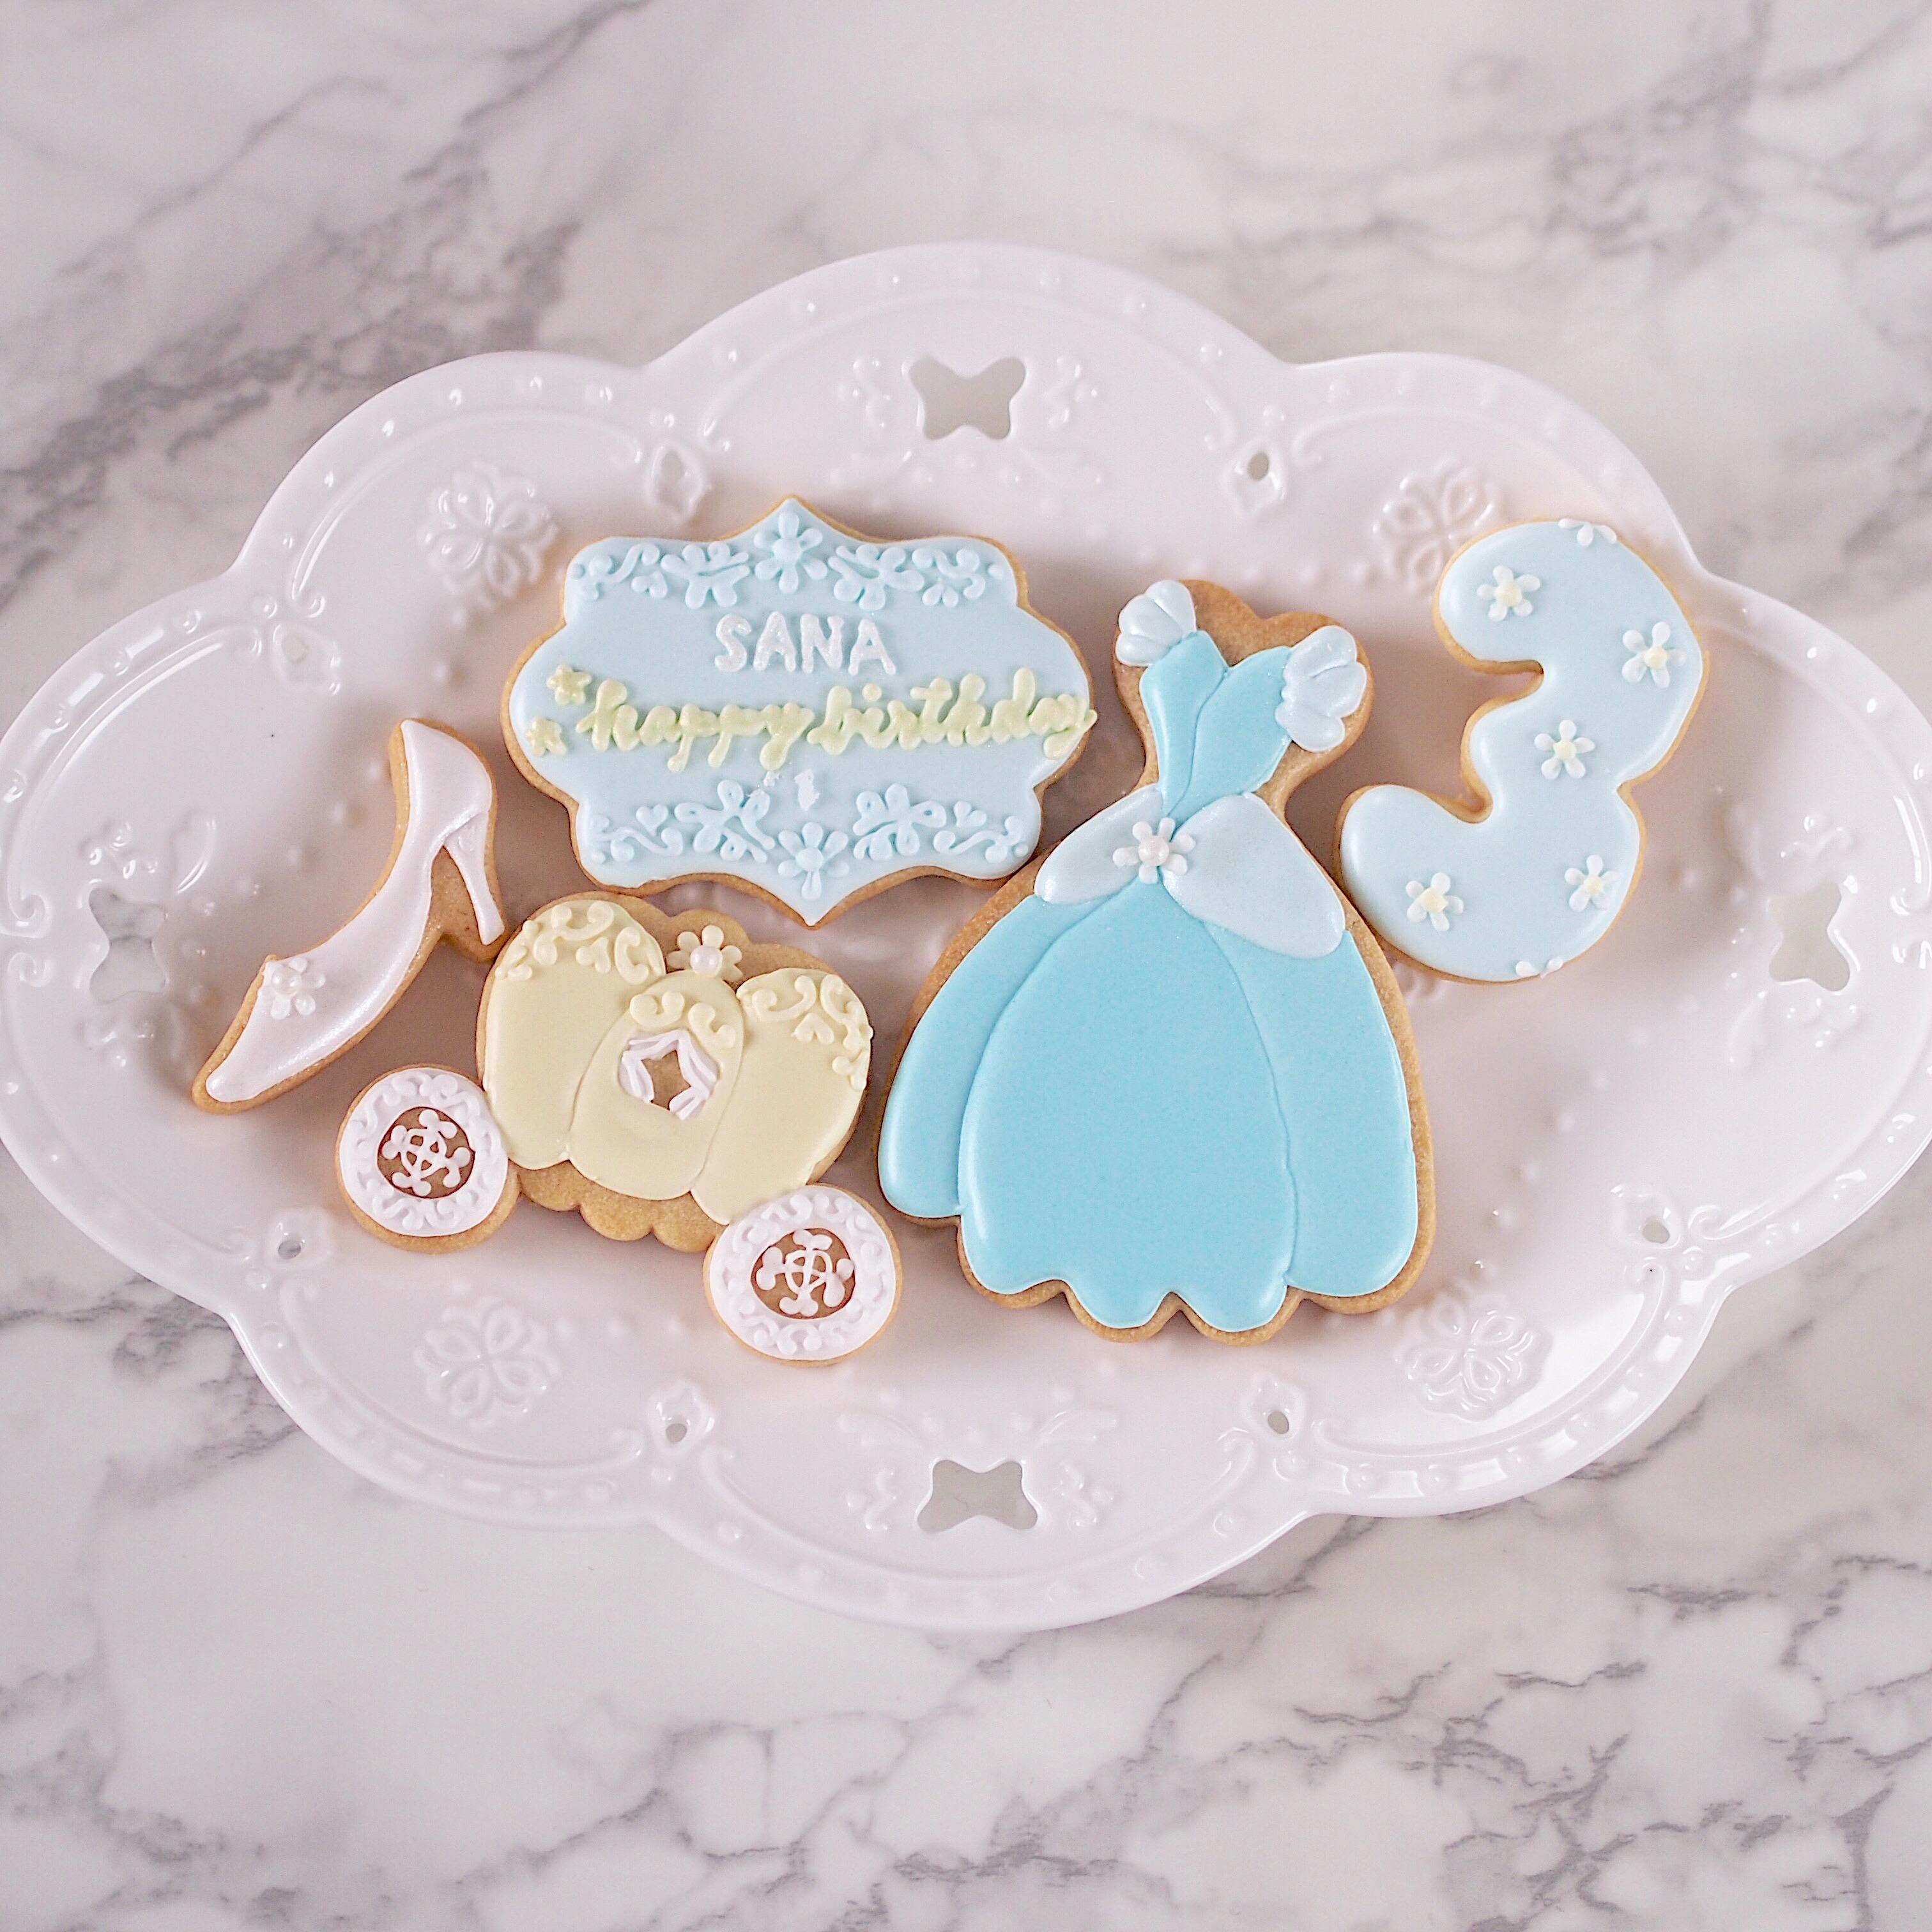 シンデレラアイシングクッキー